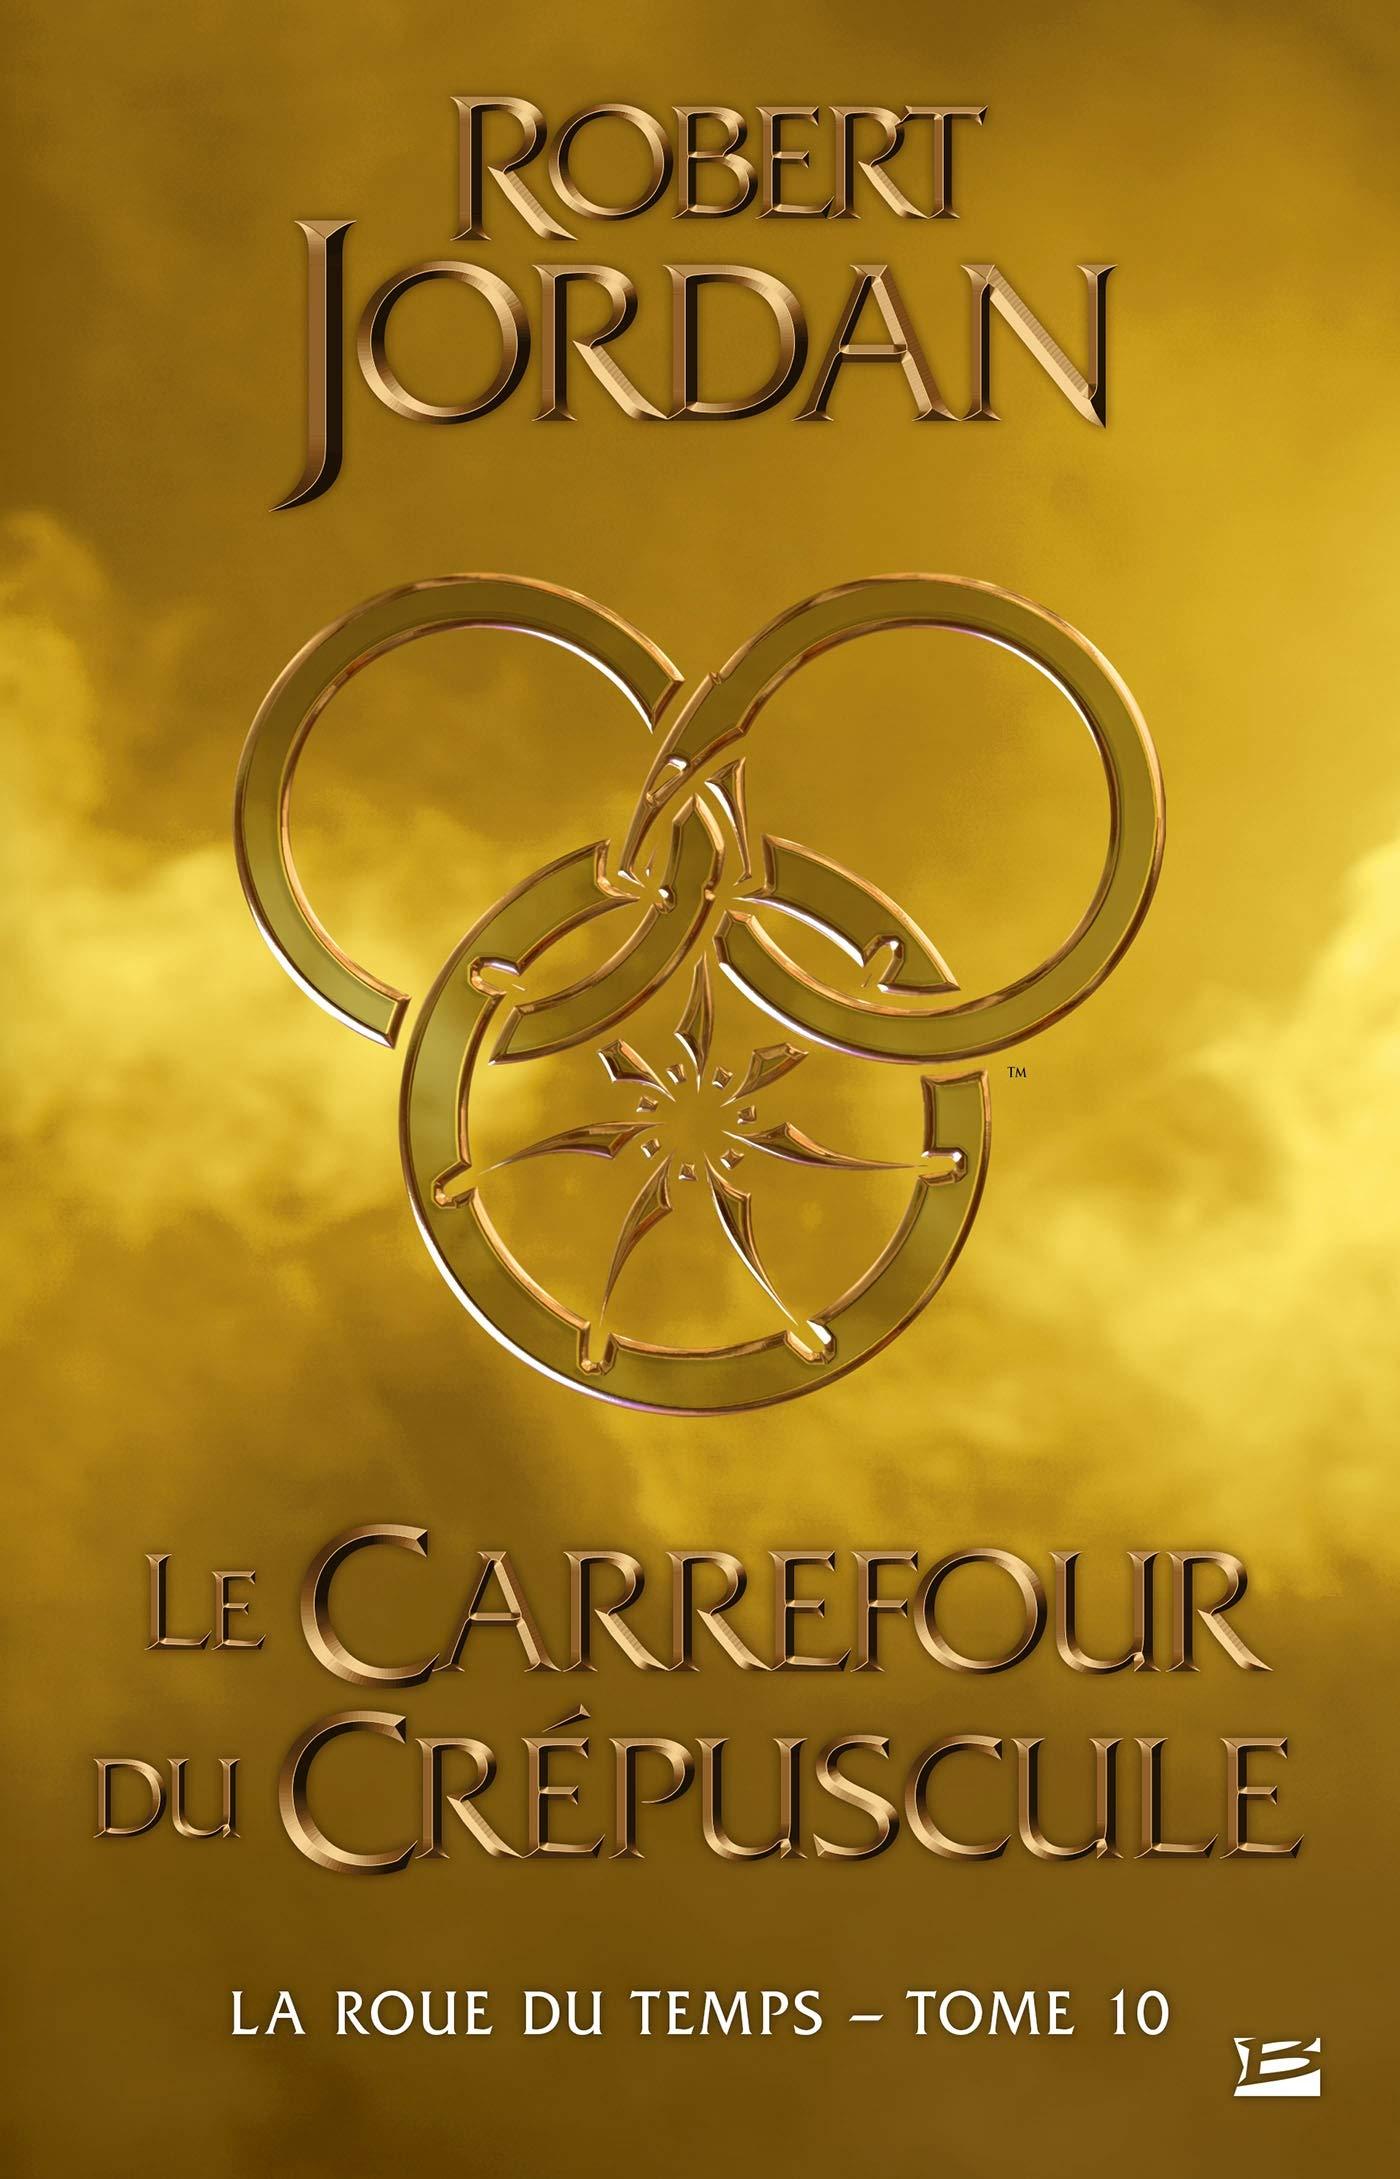 La Roue du Temps – Tome 10 – Le Carrefour du Crépuscule / The Wheel of Time